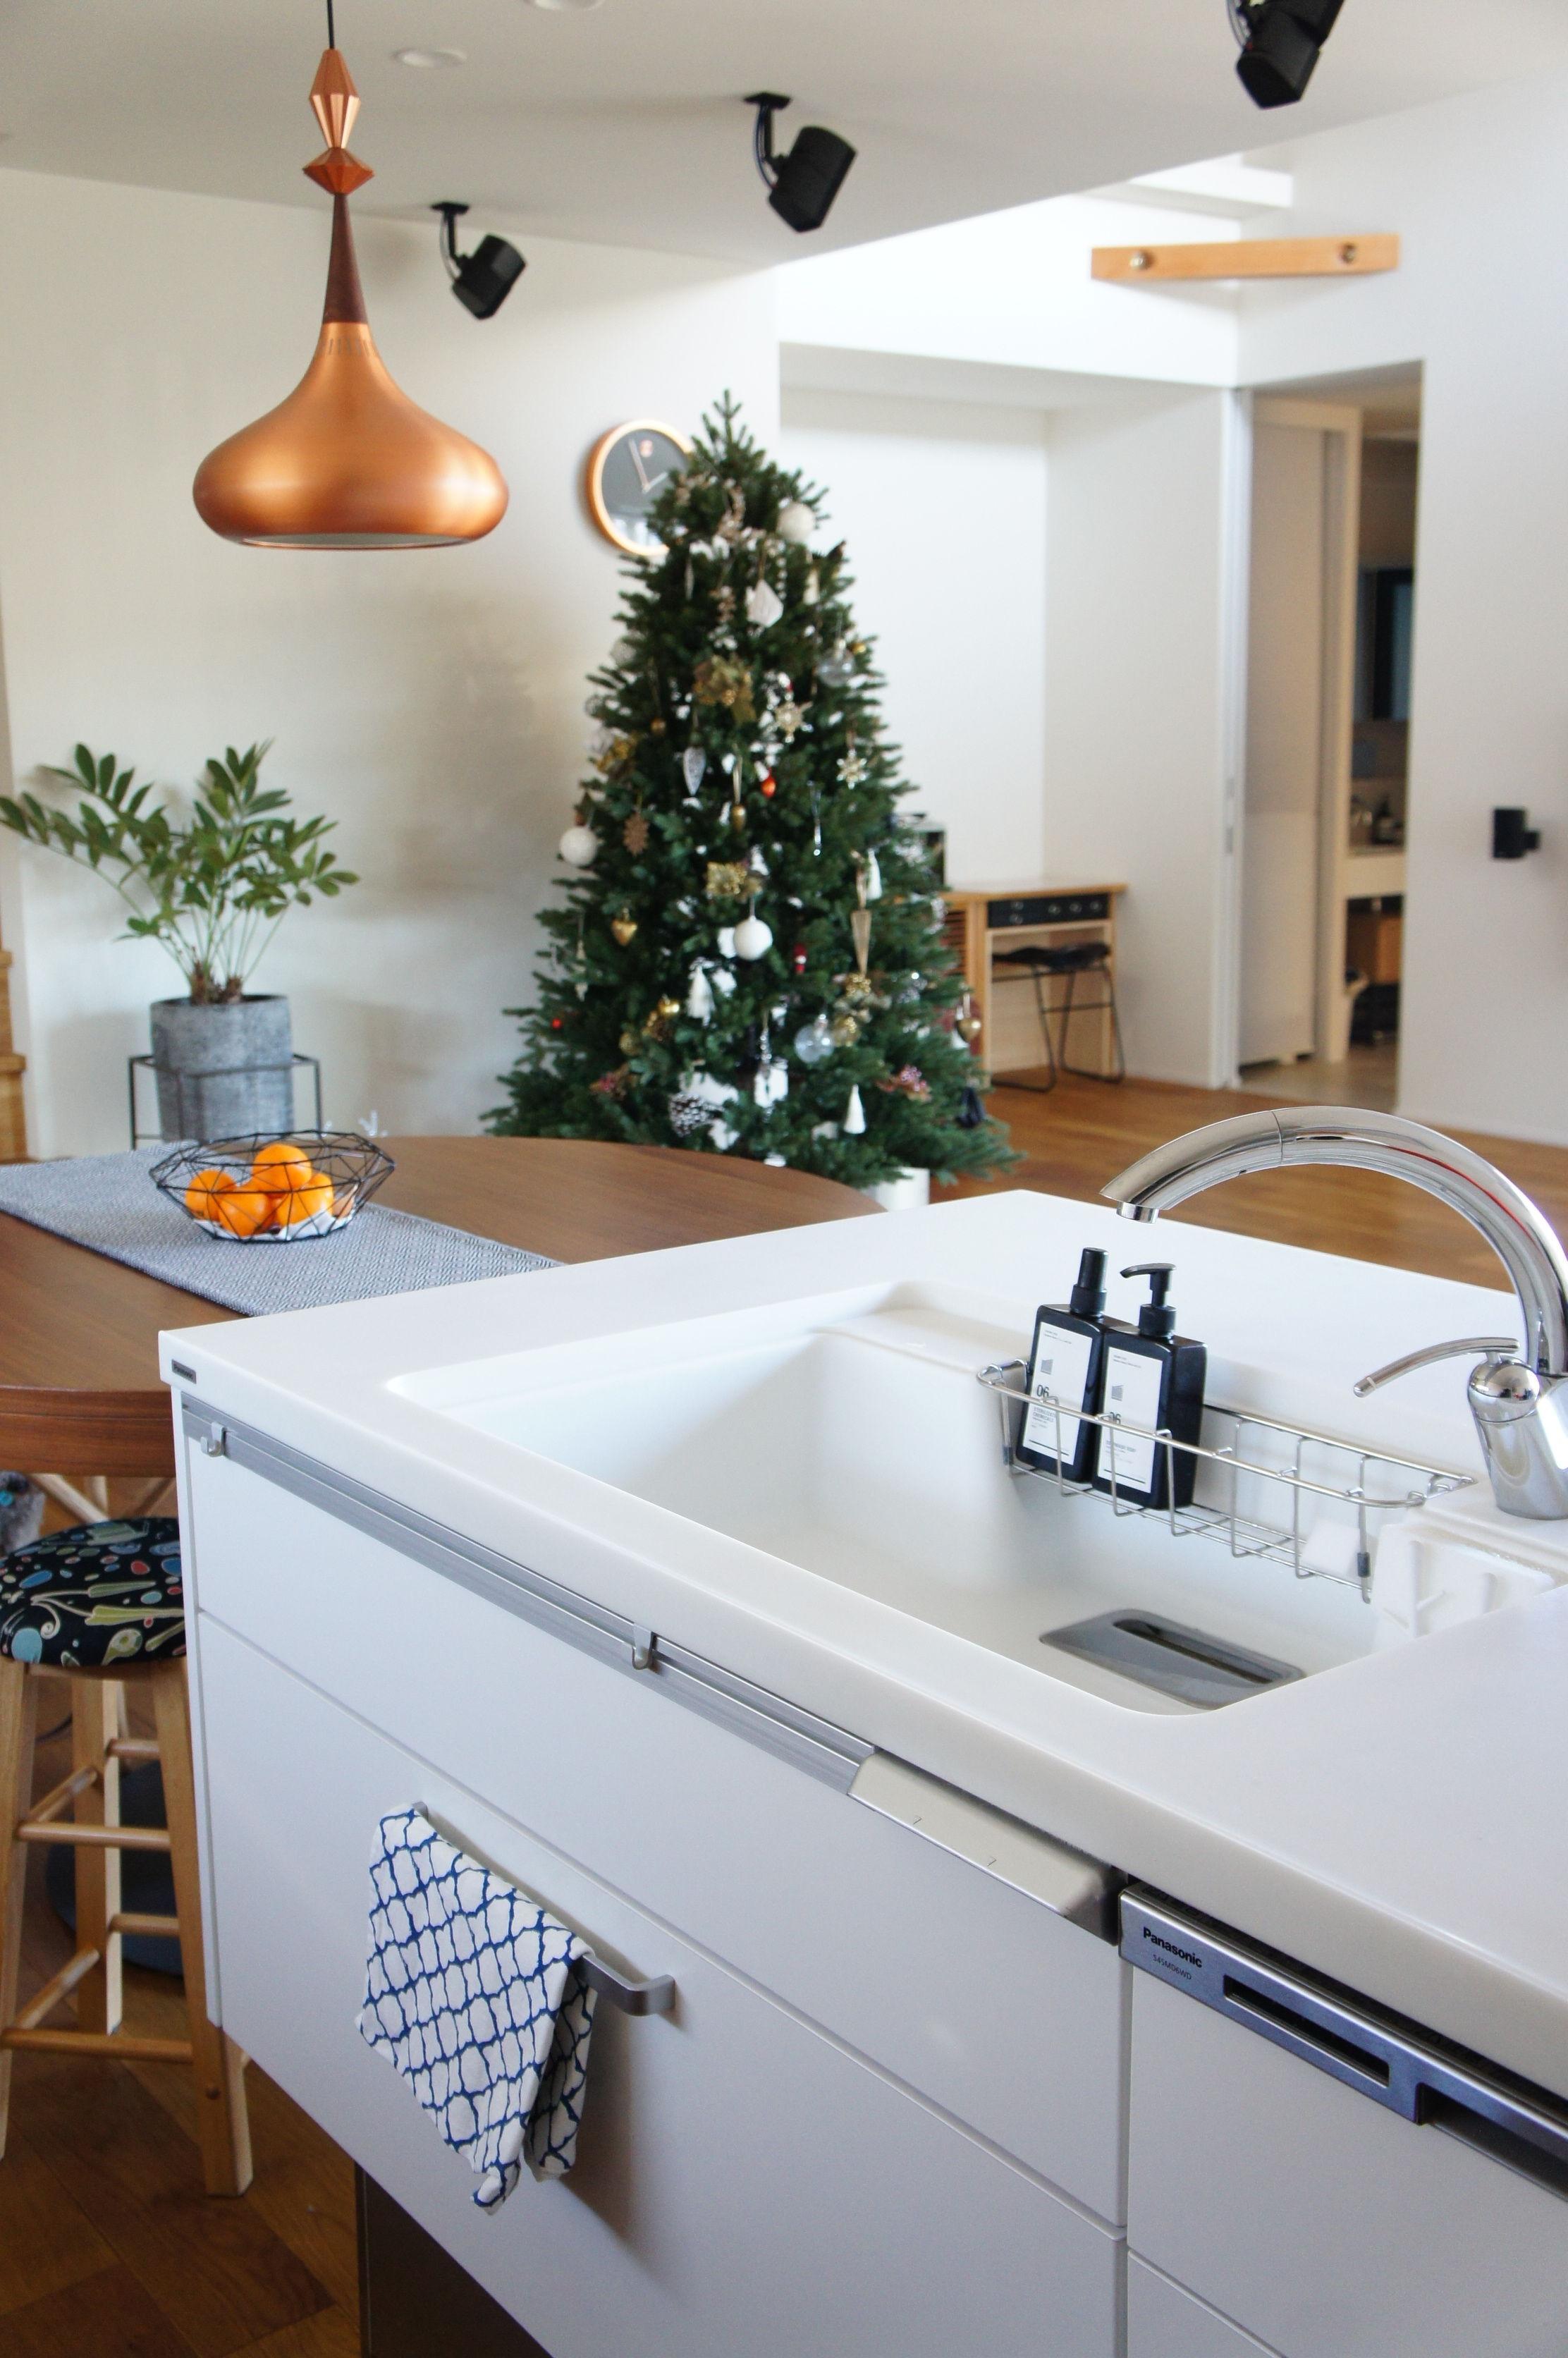 我が家のキッチンシンク掃除方法 : くらしのまとめ